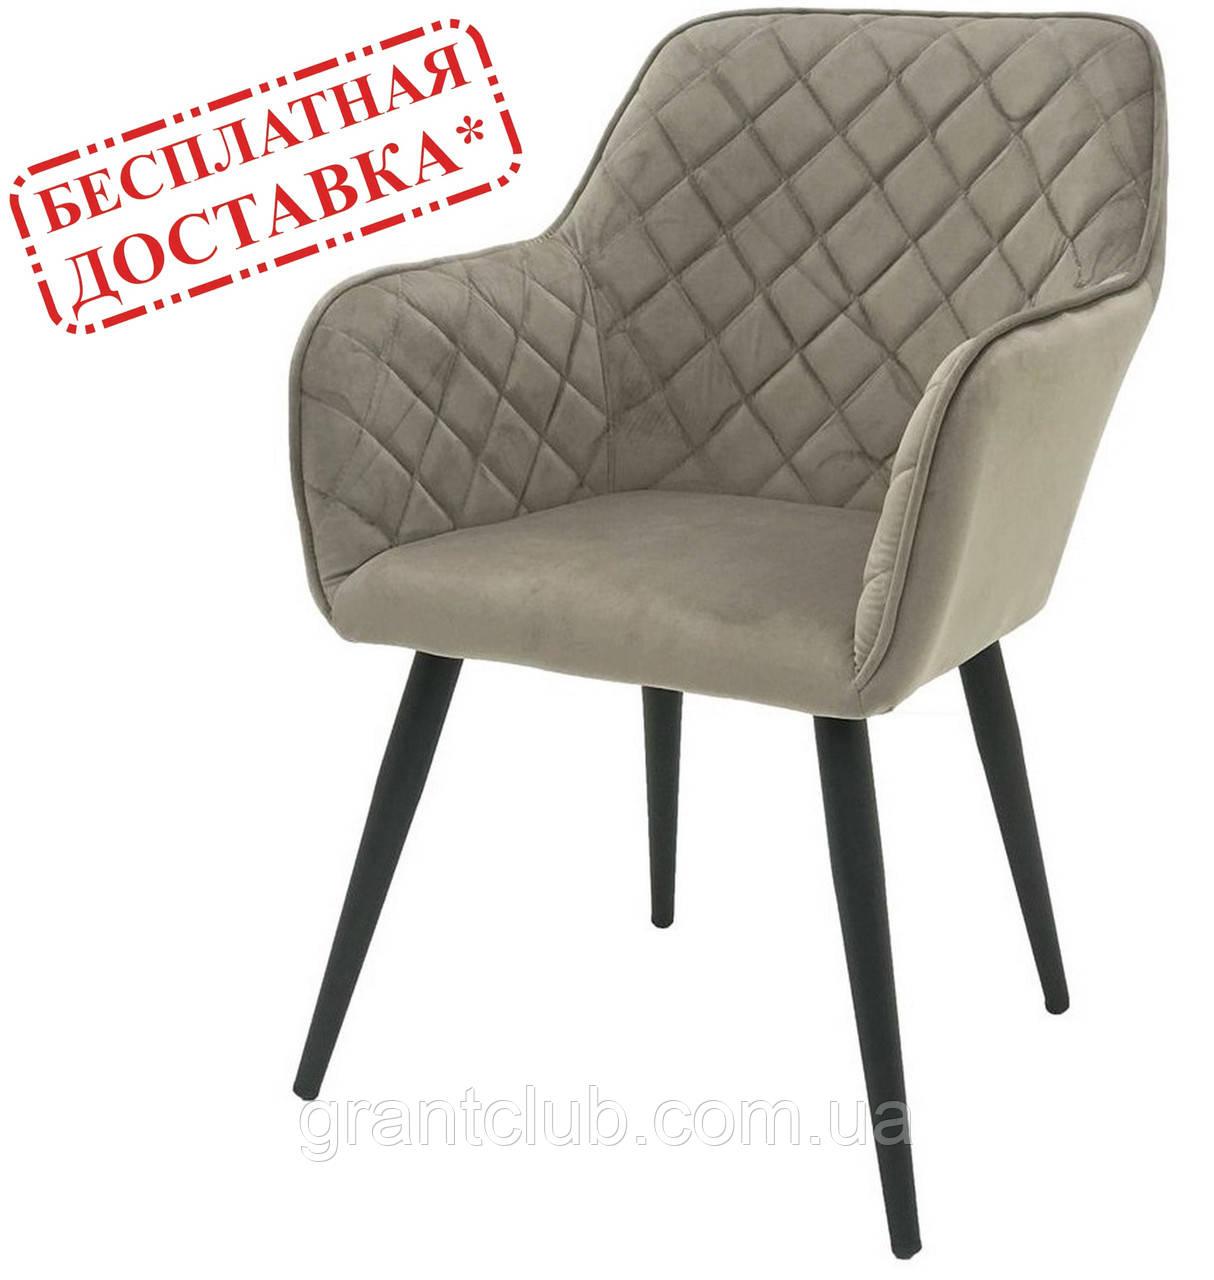 Кресло ANTIBA  велюр пудровый серый Concepto (бесплатная доставка)